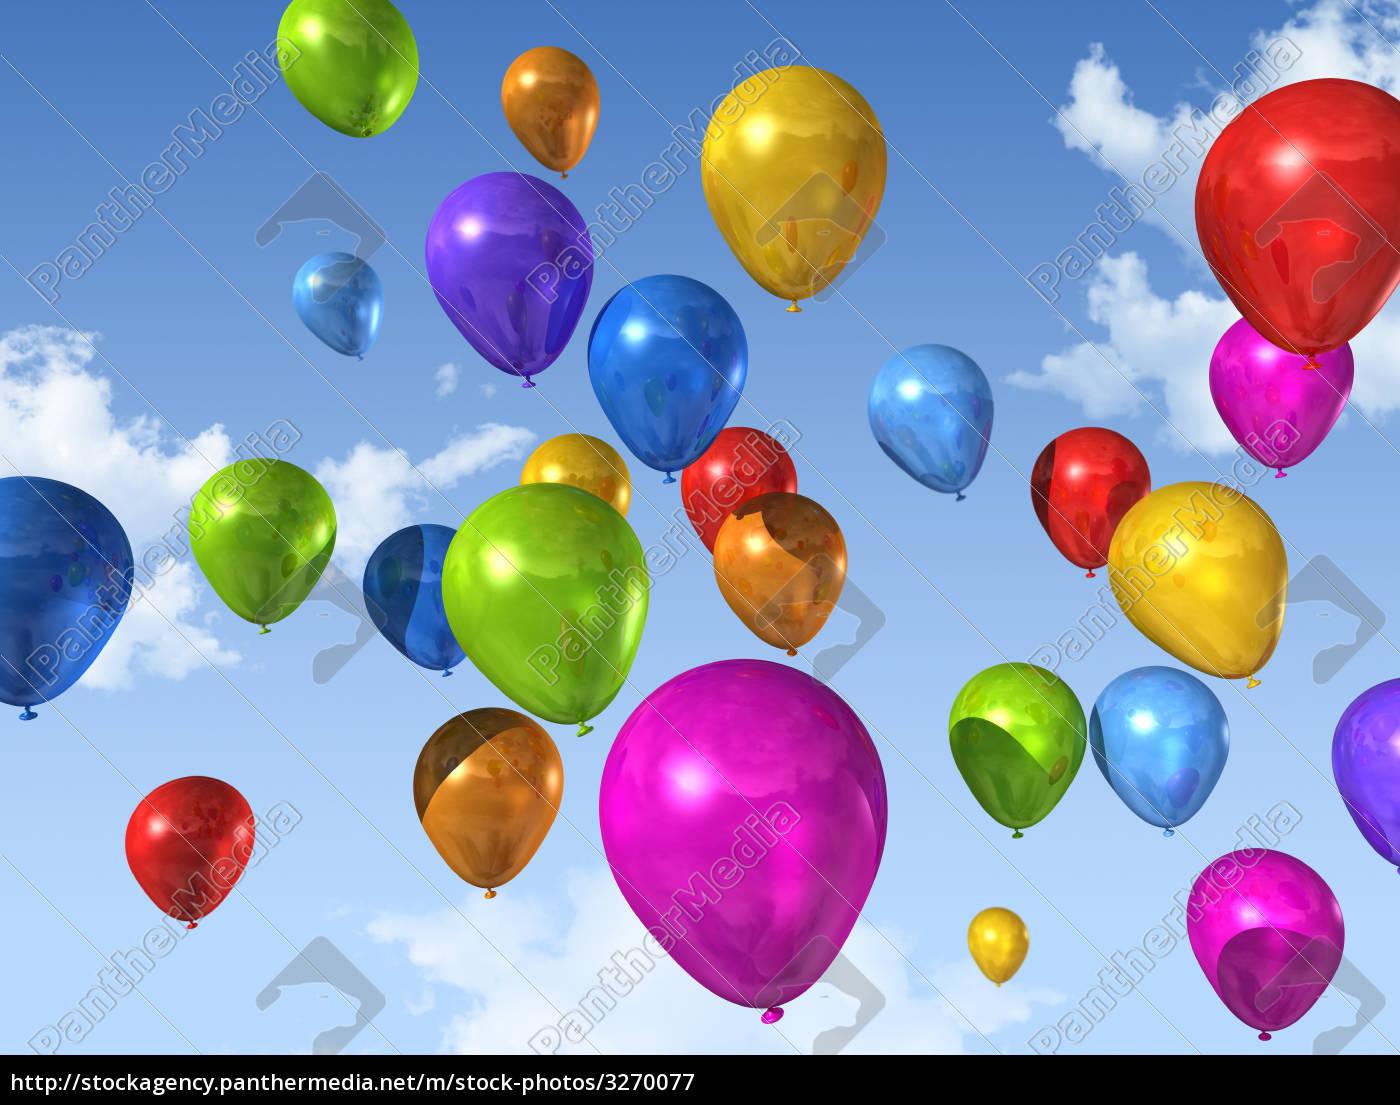 globos, de, colores, en, un, cielo - 3270077